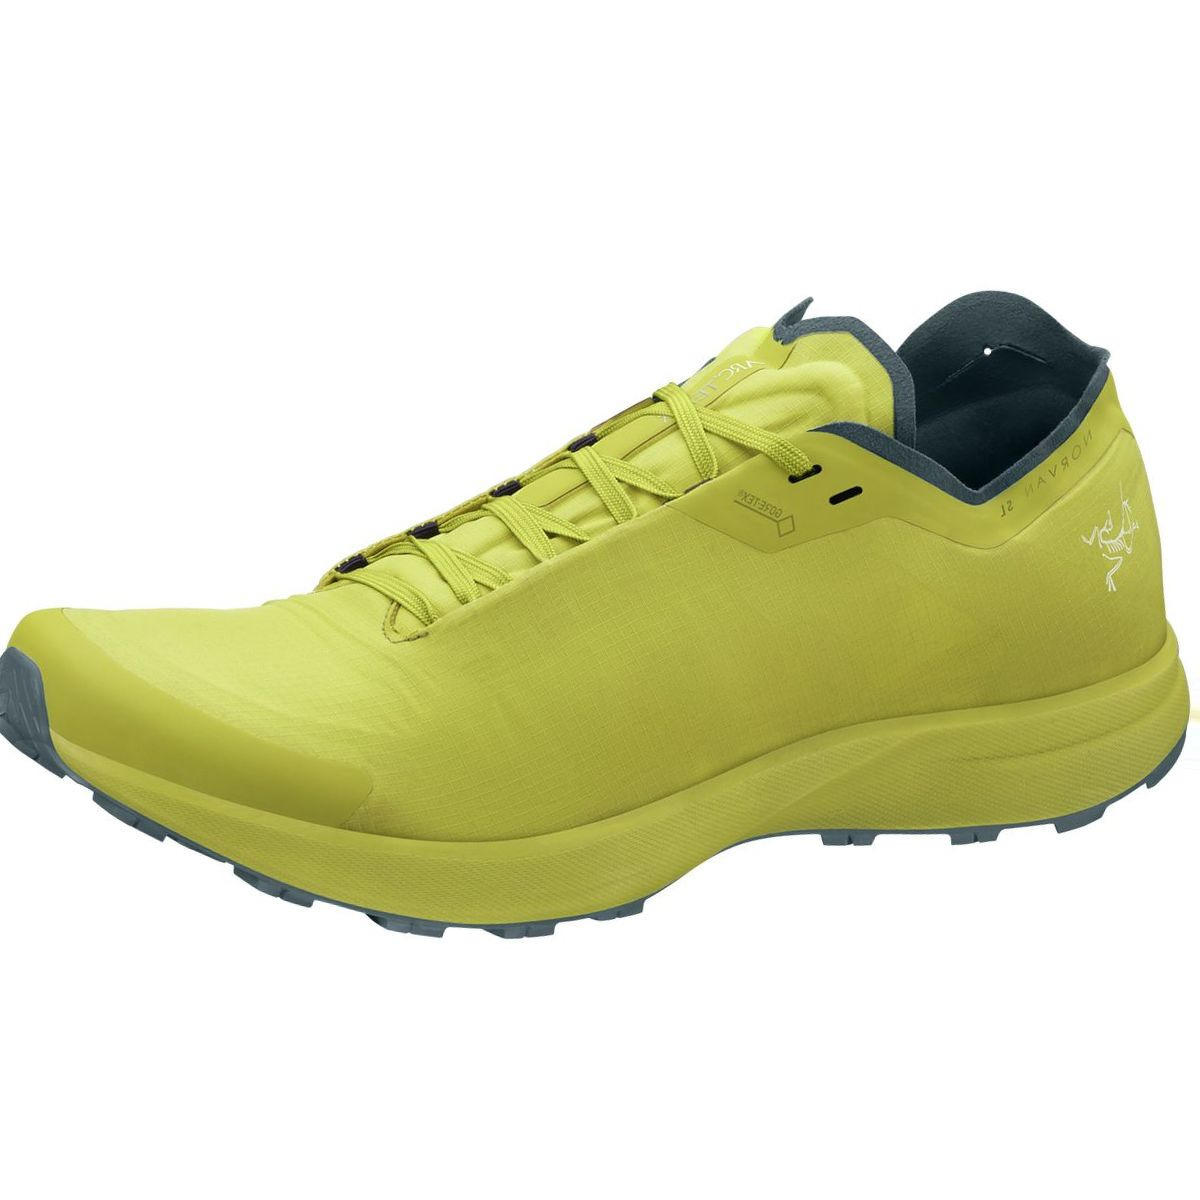 Arc'teryx Norvan SL GTX Running Shoe - Men's